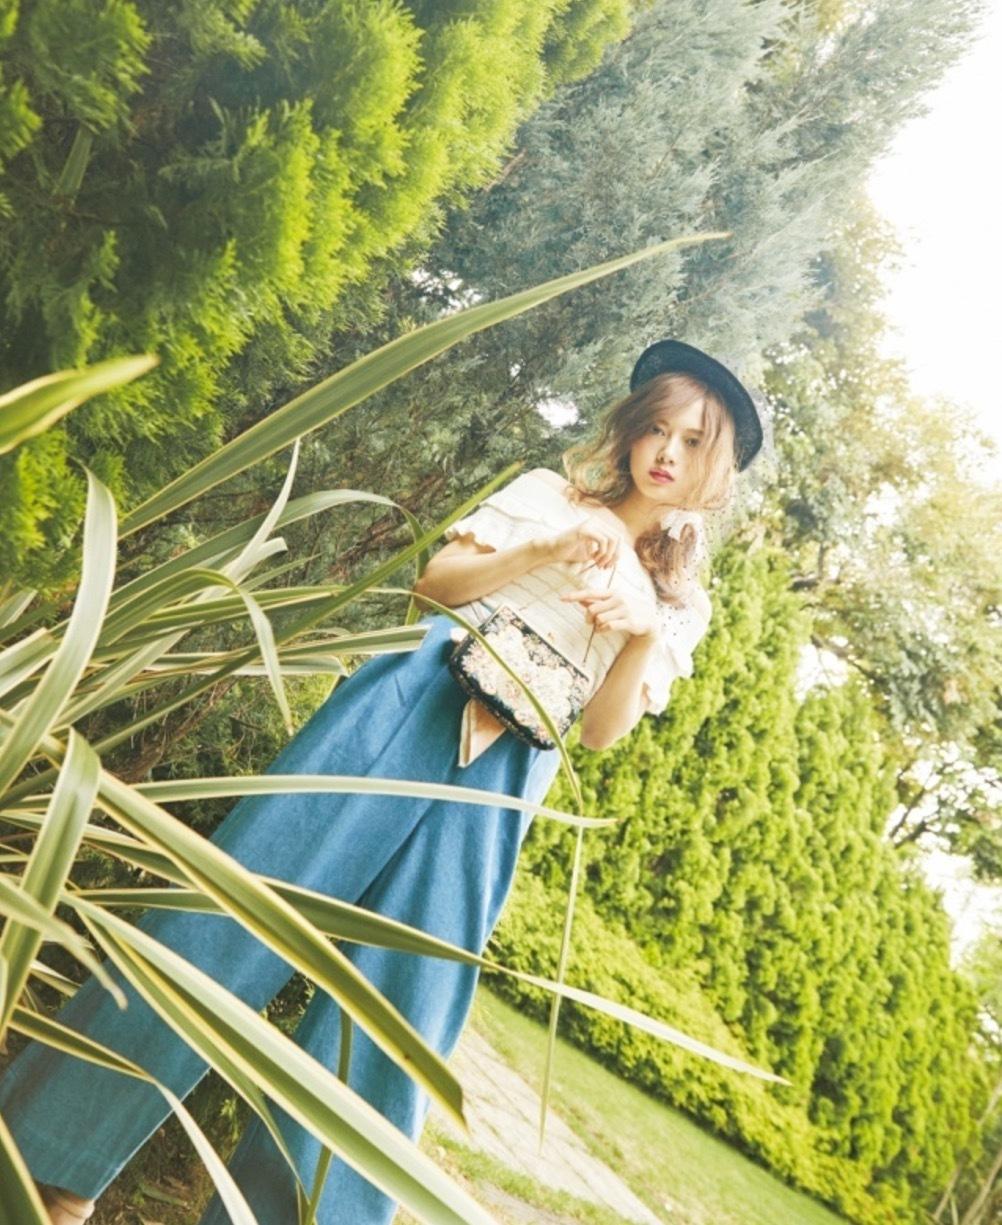 乃木坂46,白石麻衣,まいやん,LARME,かわいい,モデル,雑誌,20170716